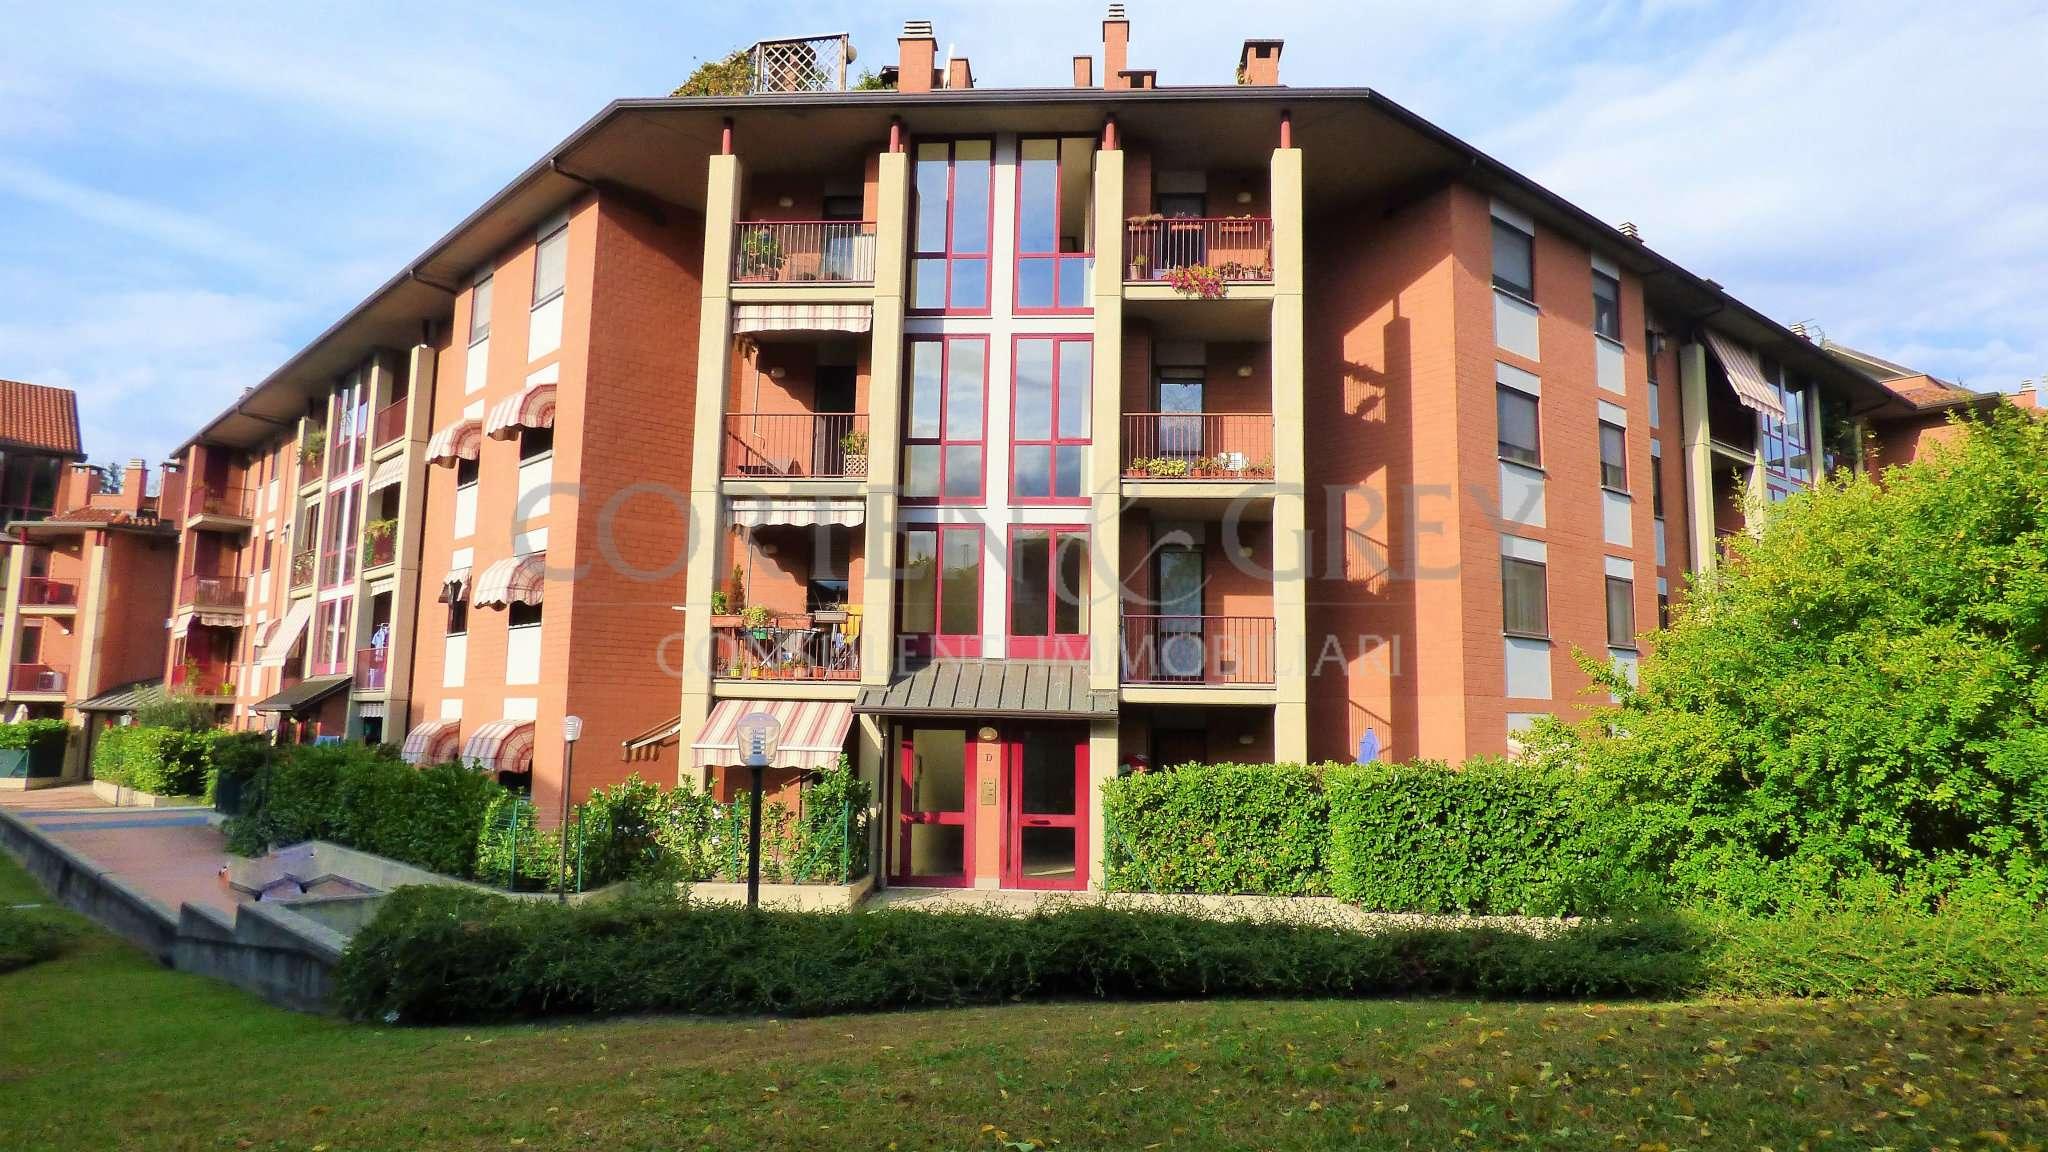 Appartamento con giardino condominiale a torino pag 7 - Giardino condominiale ...